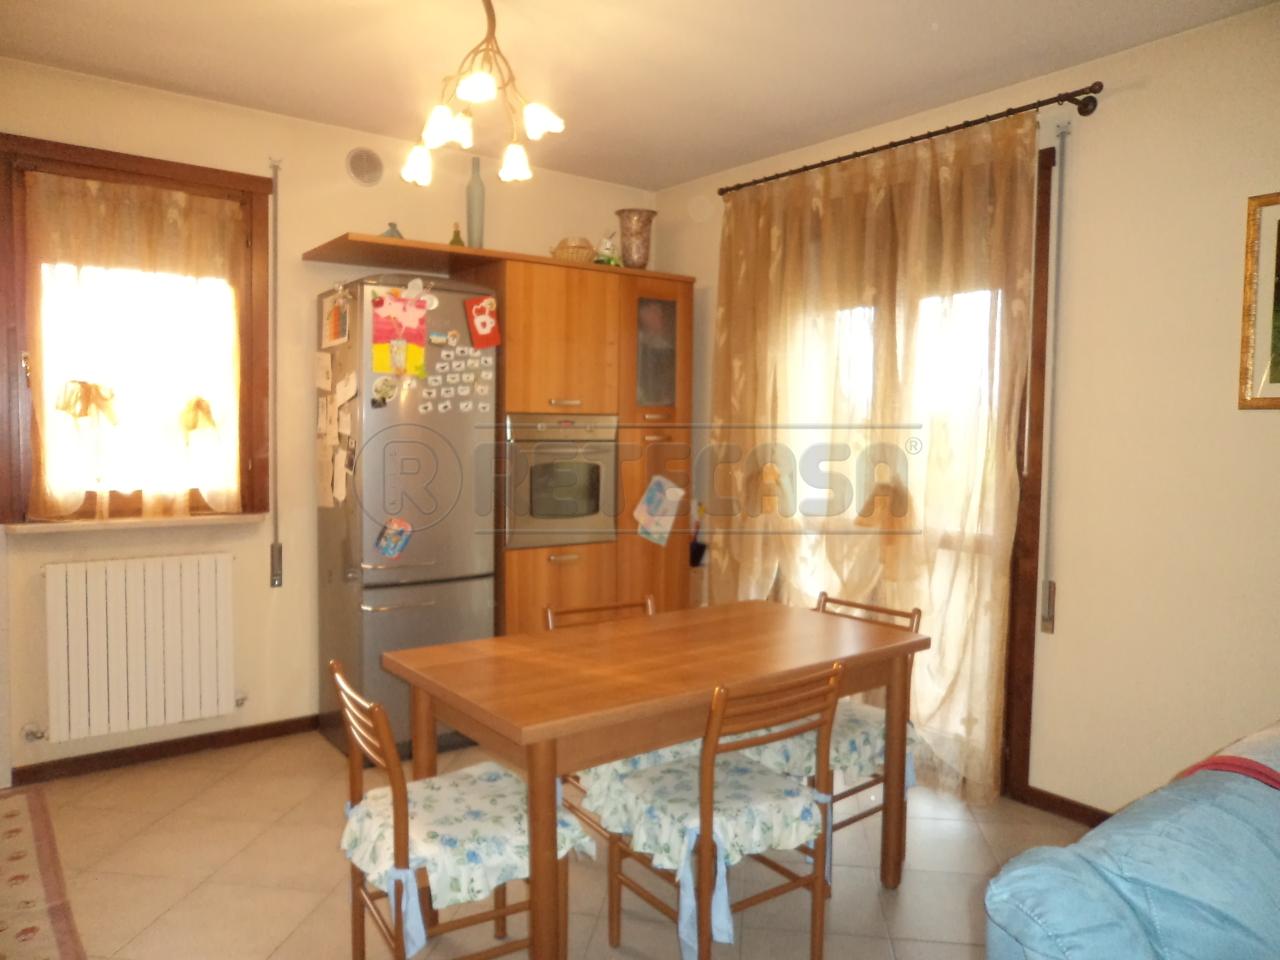 Appartamento in vendita a San Giorgio delle Pertiche, 9999 locali, prezzo € 119.000 | Cambio Casa.it